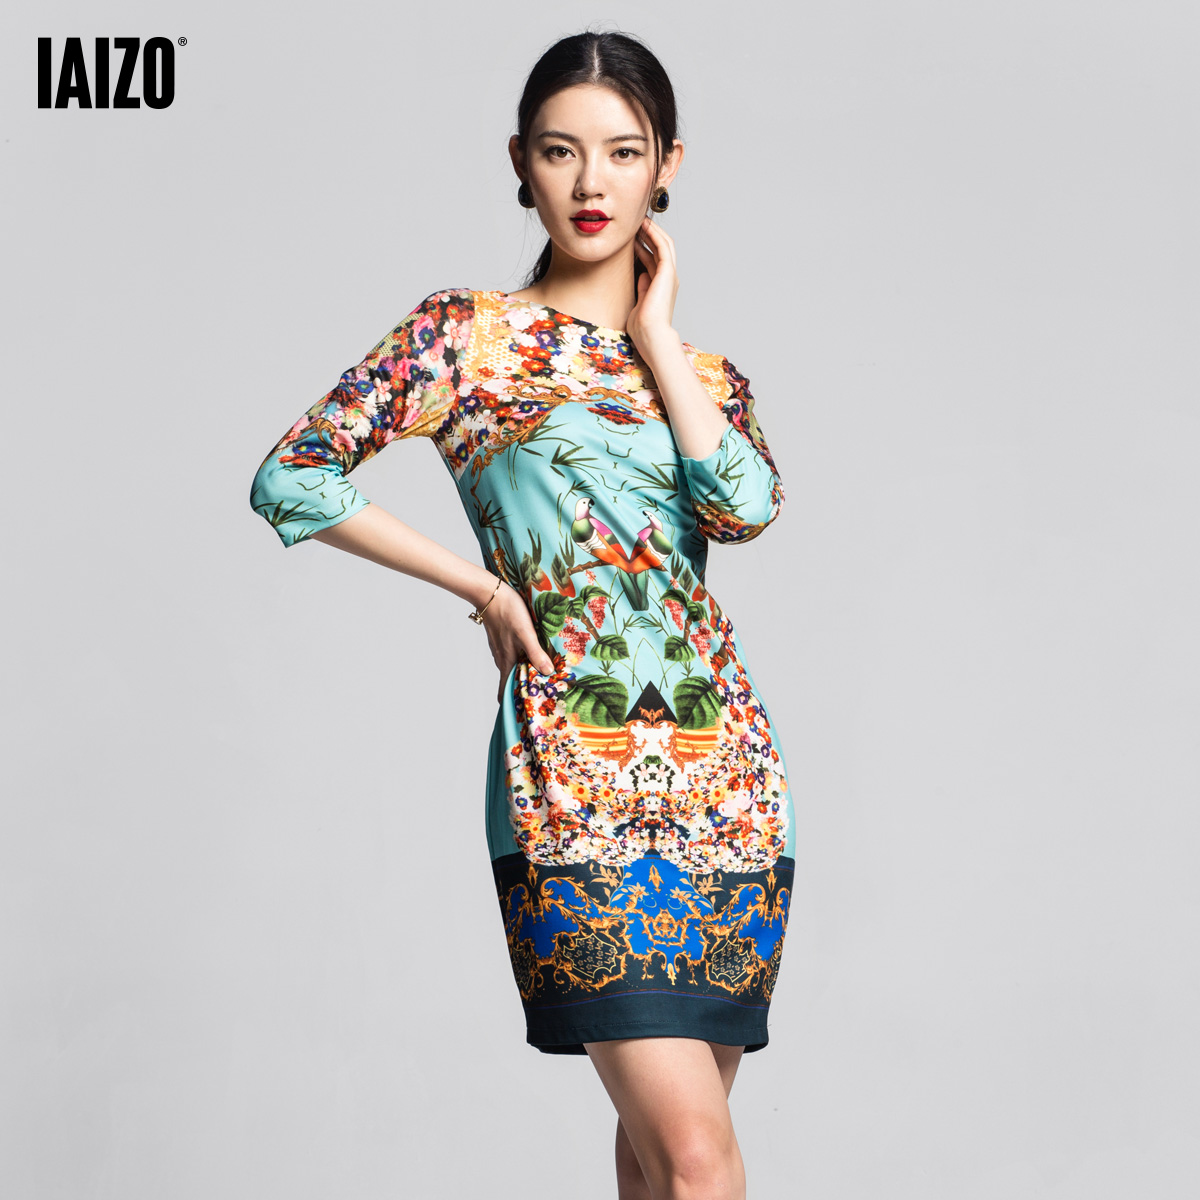 Женское платье IAIZO 3ab3107c 2013